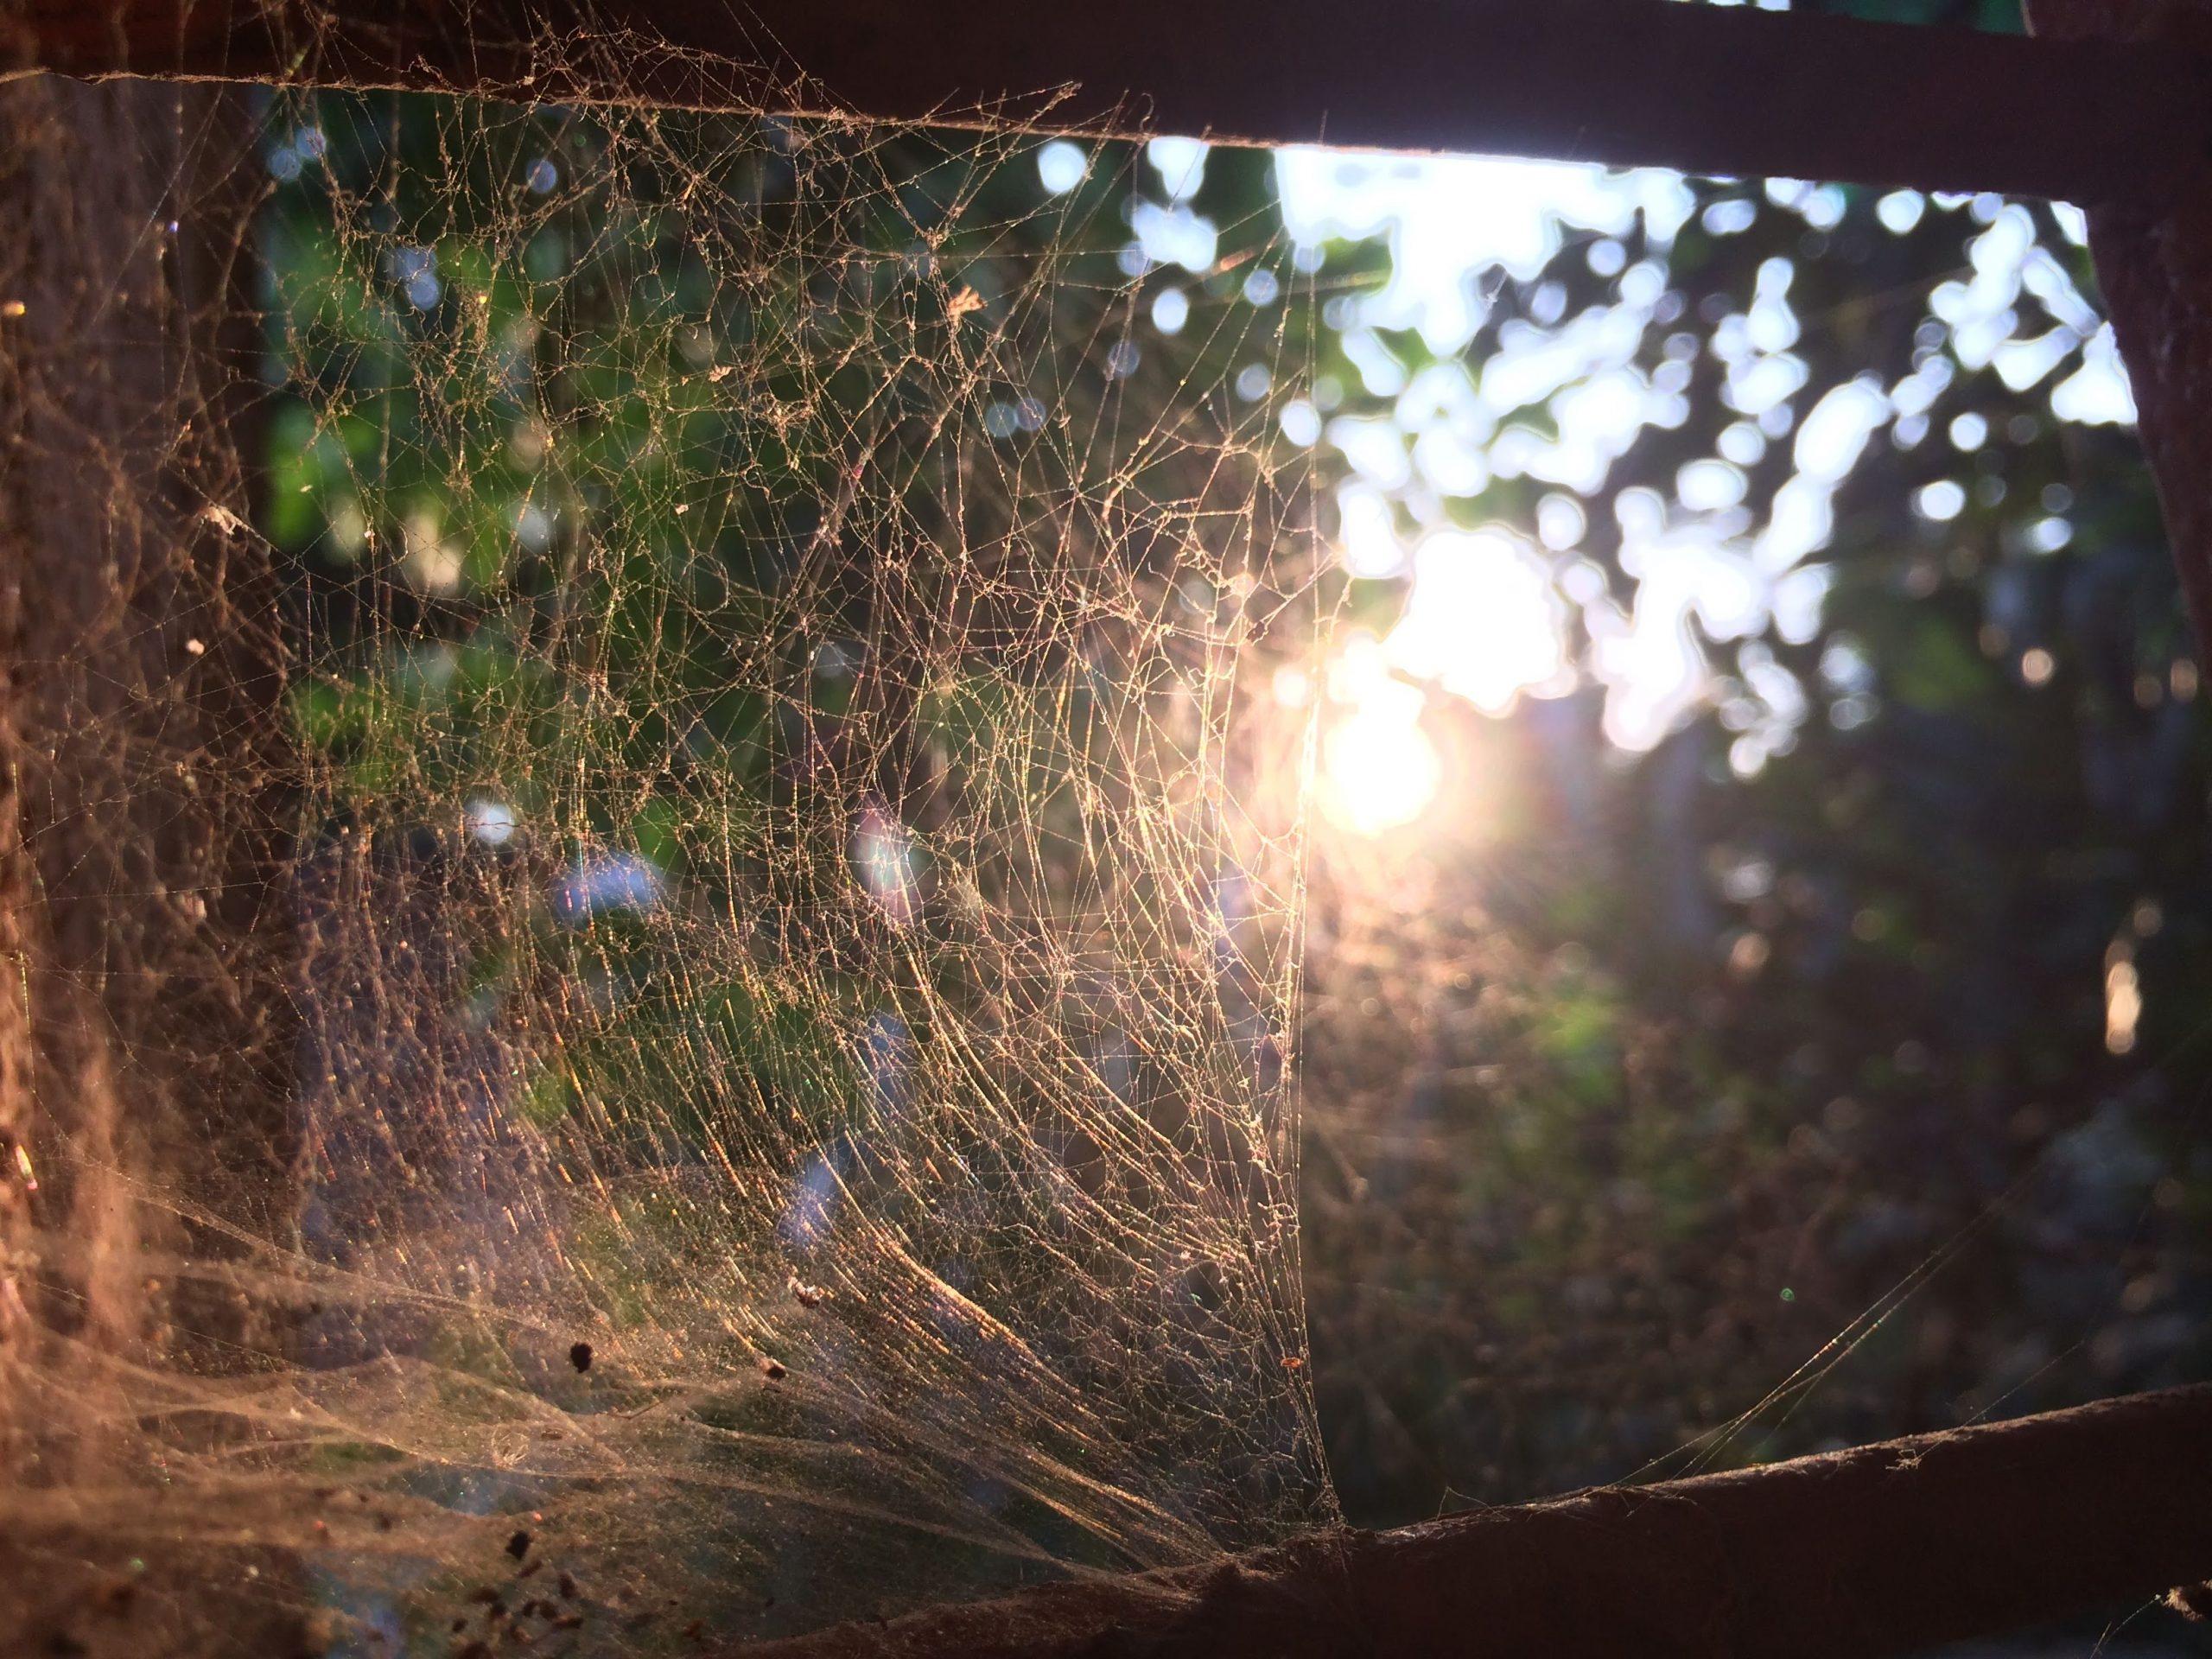 Sunshine view through spider web